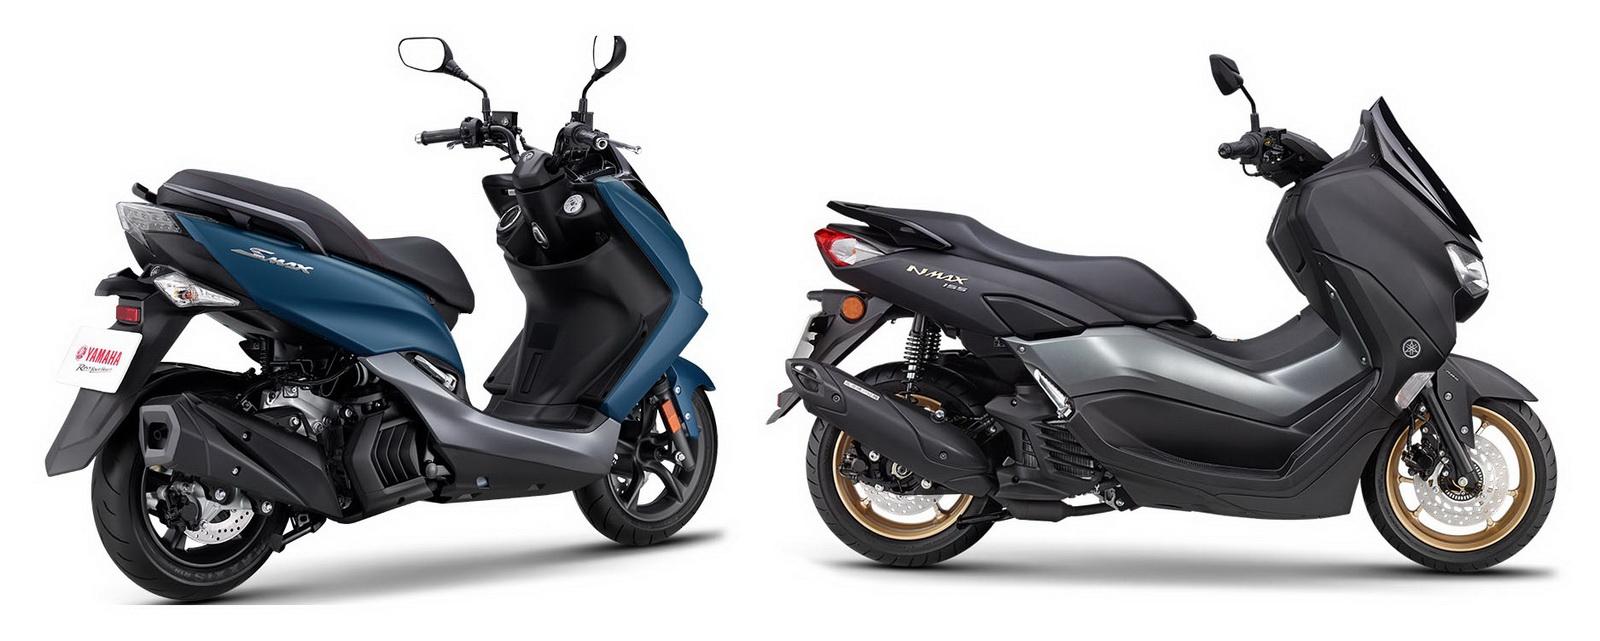 圖/2020 Yamaha SMAX 155 ABS與2020 Yamaha NMAX 155 ABS兩款皆採用水冷單缸SOHC 4V,排氣量為也都是155cc,價格為10.56萬對上11.8萬。